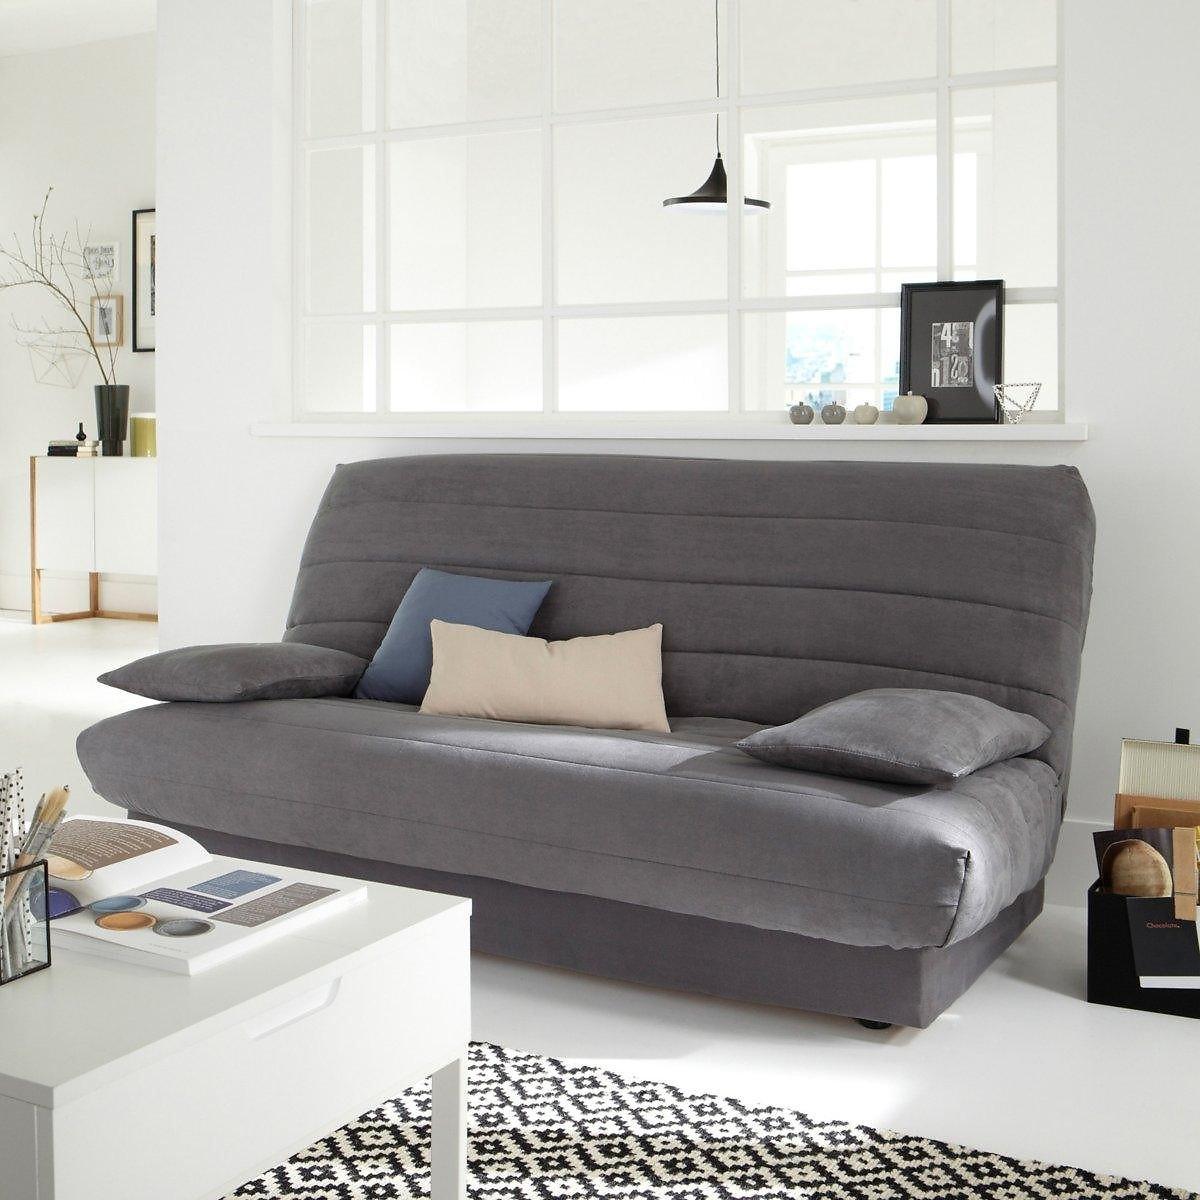 Чехол LaRedoute Для раскладного дивана из искусственной замши единый размер серый